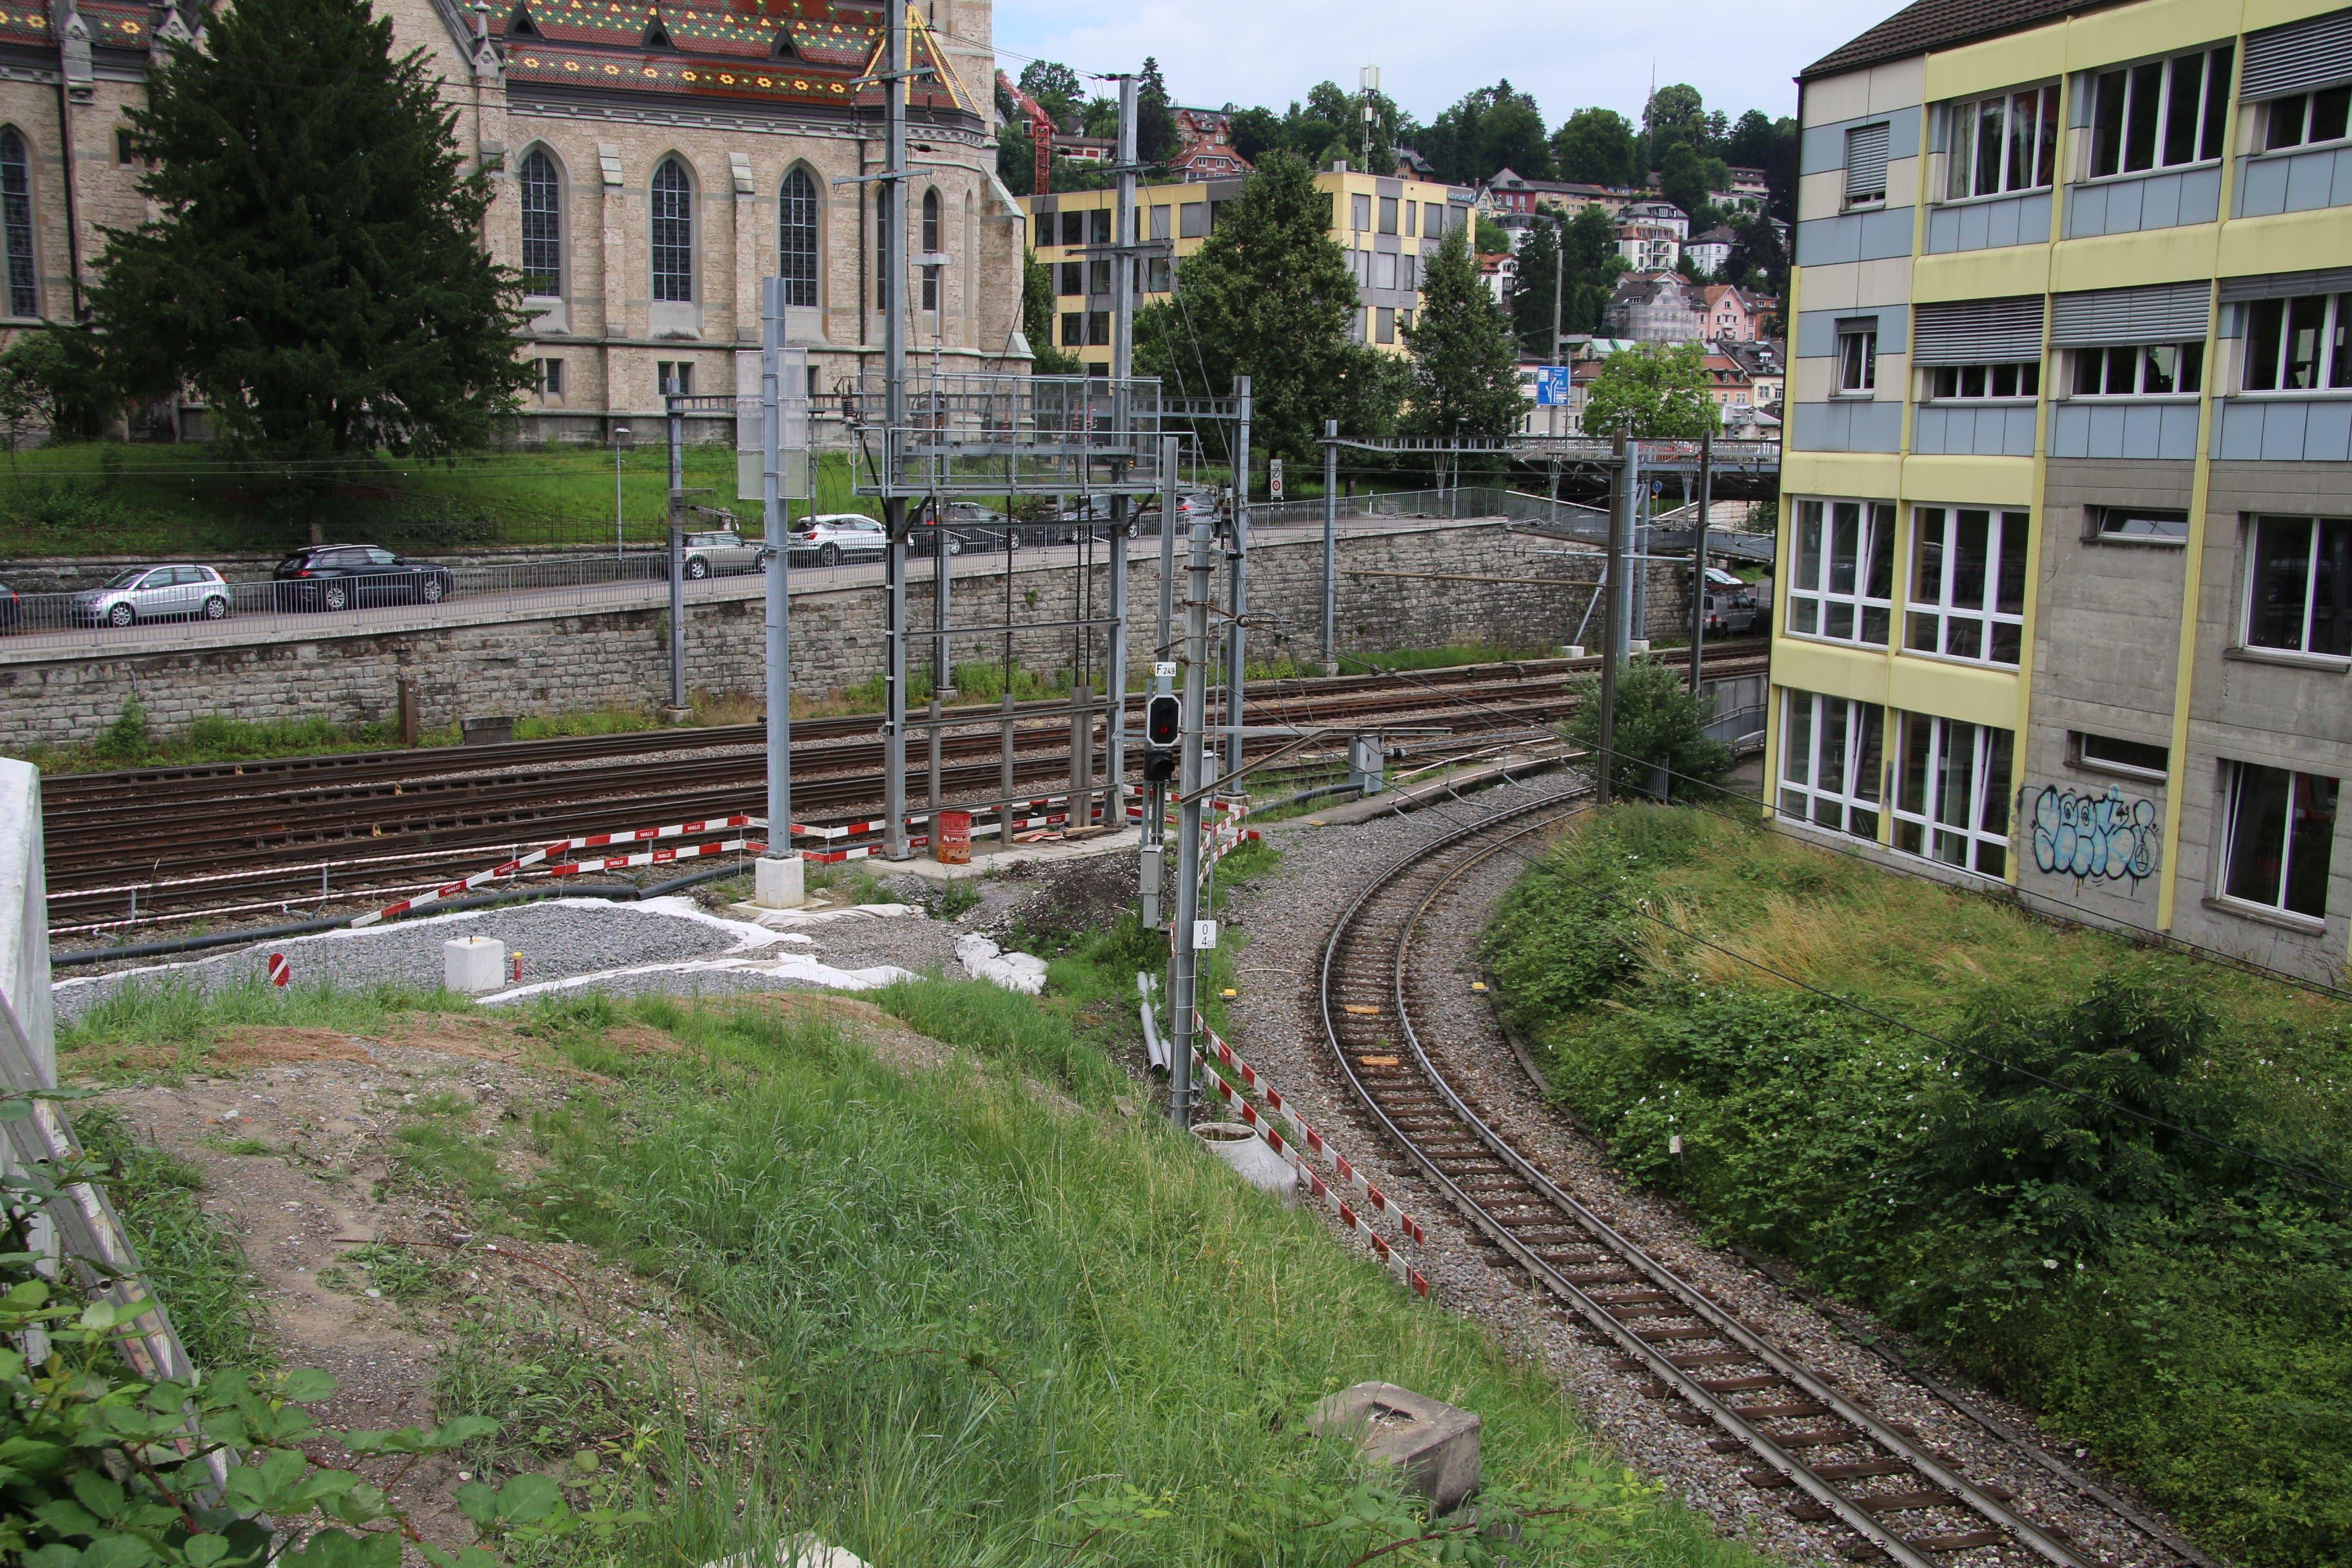 Die Verzweigung mit dem bisherigen (rechts) und dem neuen (links) Gleis des Gaiserbähnlis kurz nach der St.-Leonhard-Brücke am Ostende des alten Güterbahnhofs.